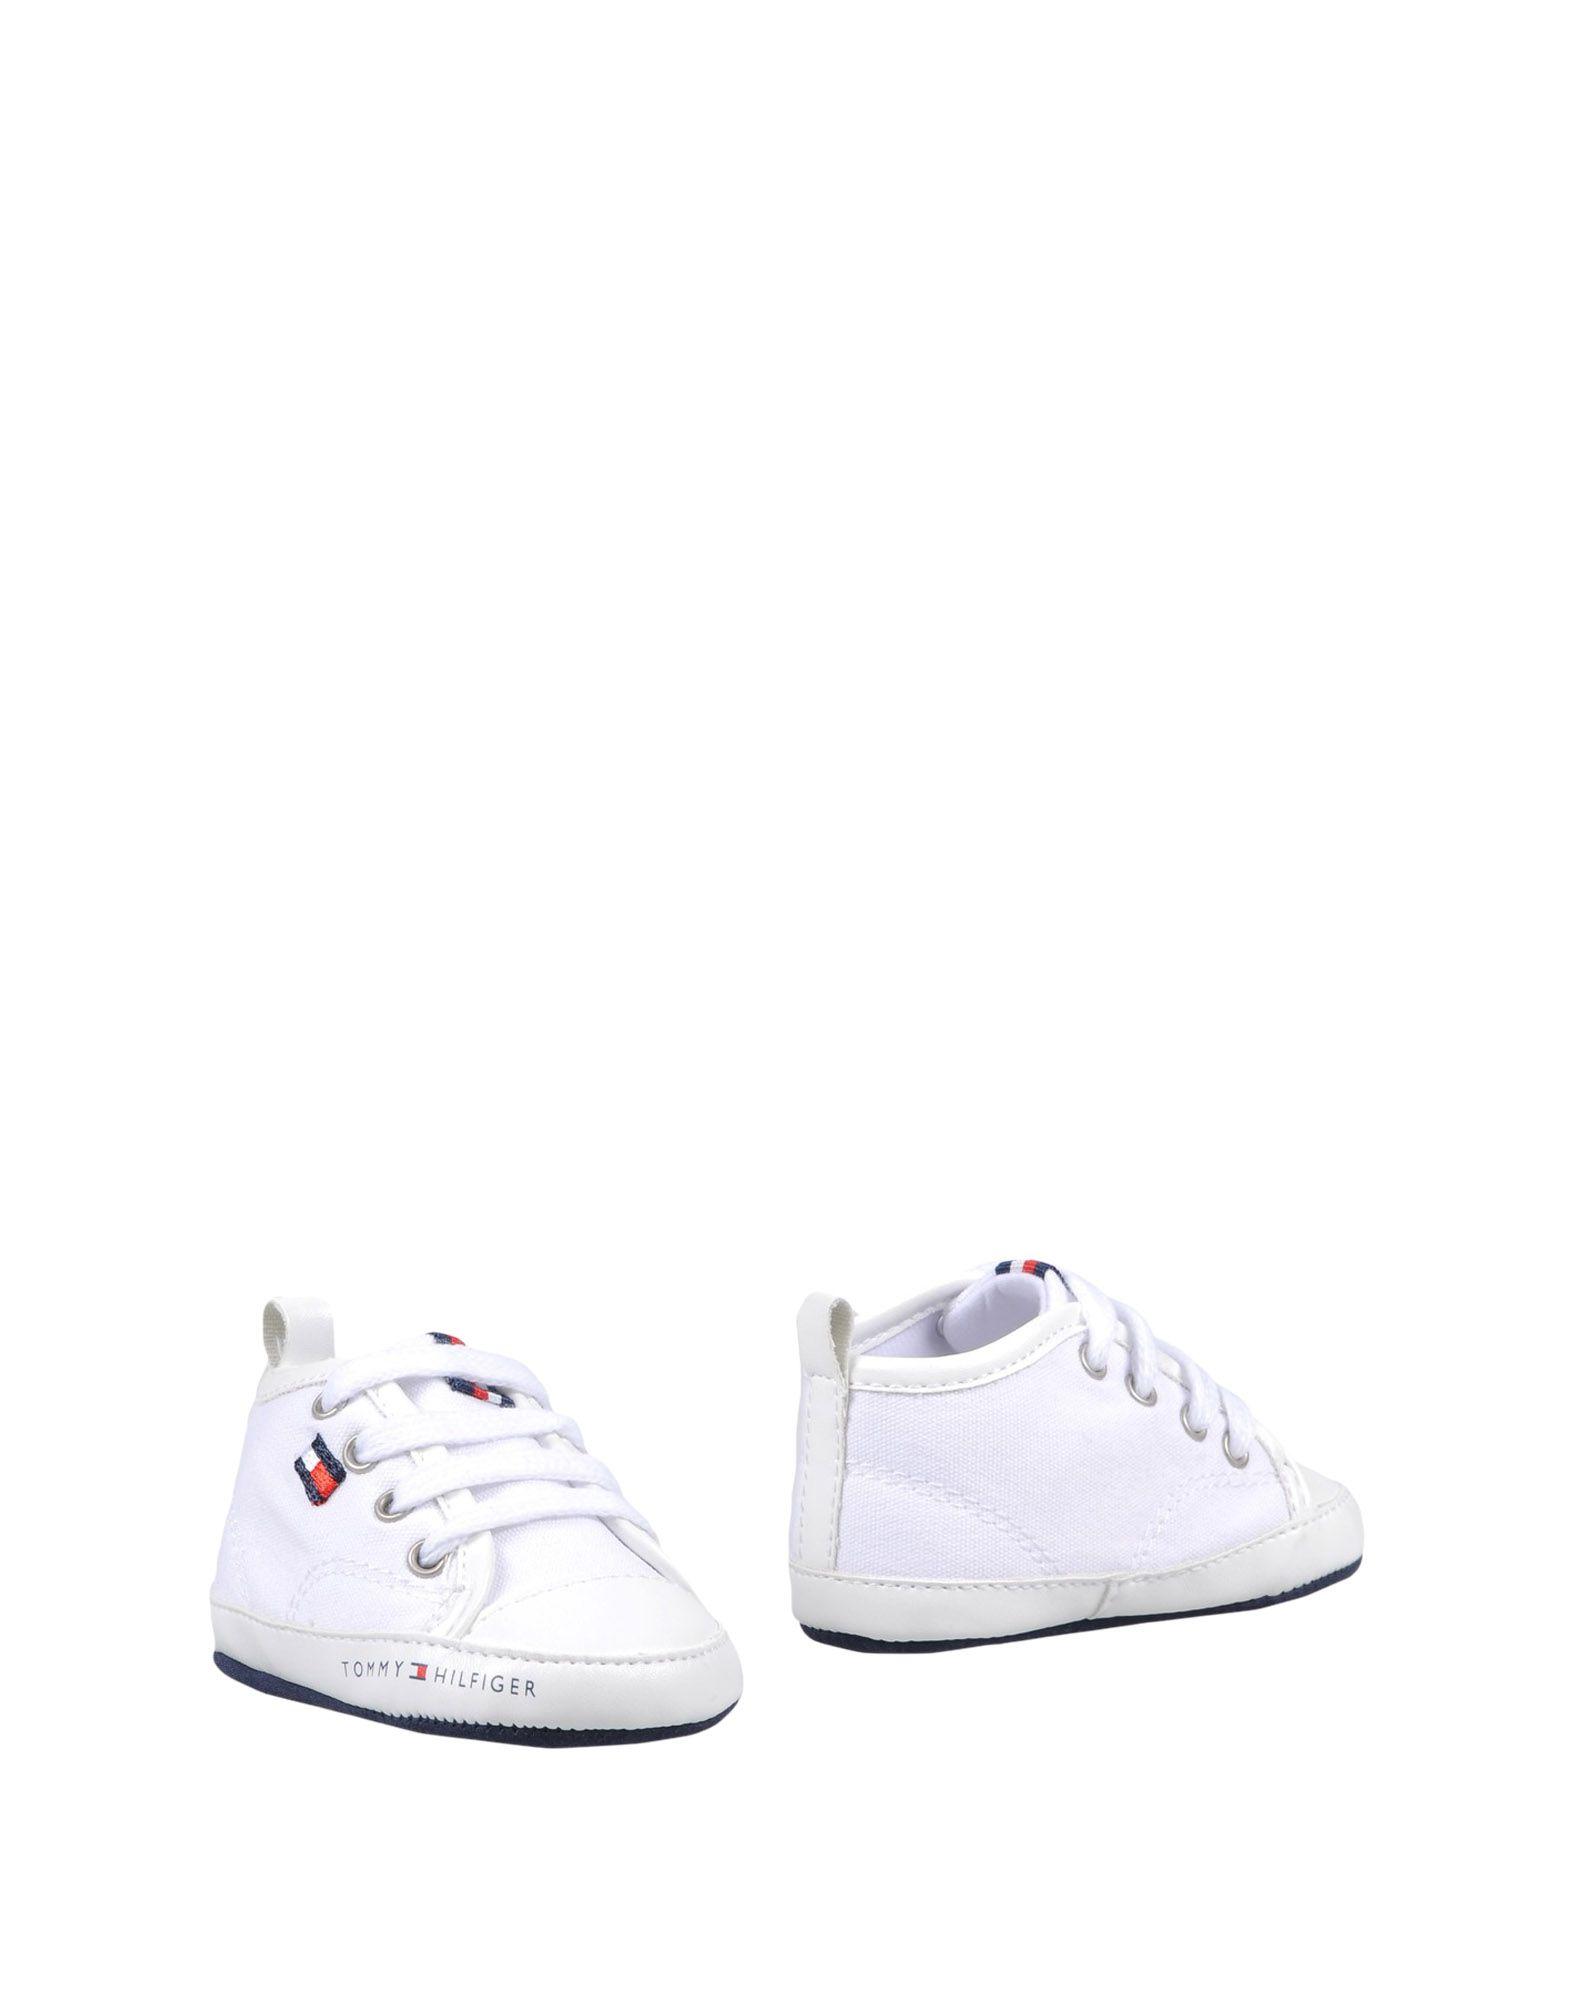 d1b918ea885 Παπούτσια Για Νεογέννητα Αγόρι Tommy Hilfiger 0-24 μηνών - Παιδικά ρούχα  στο YOOX